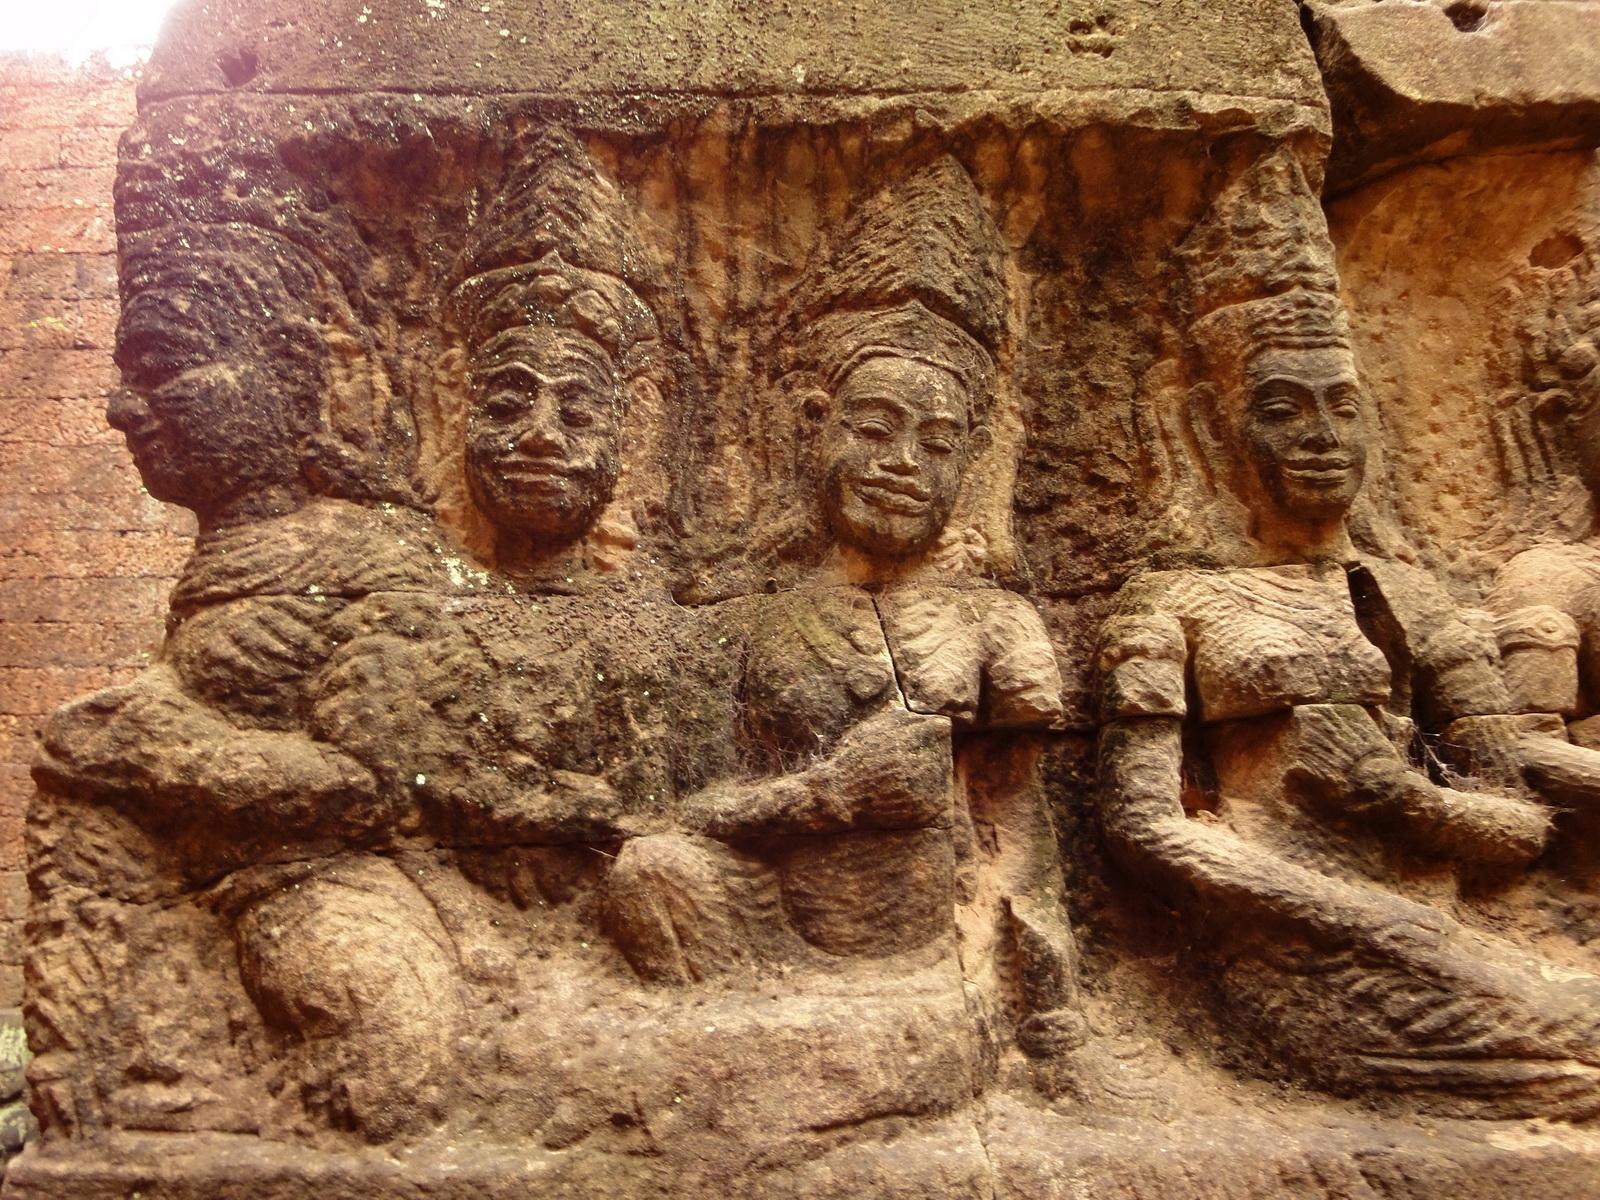 Leper King Terrace hidden wall underworld Nagas and deities 109